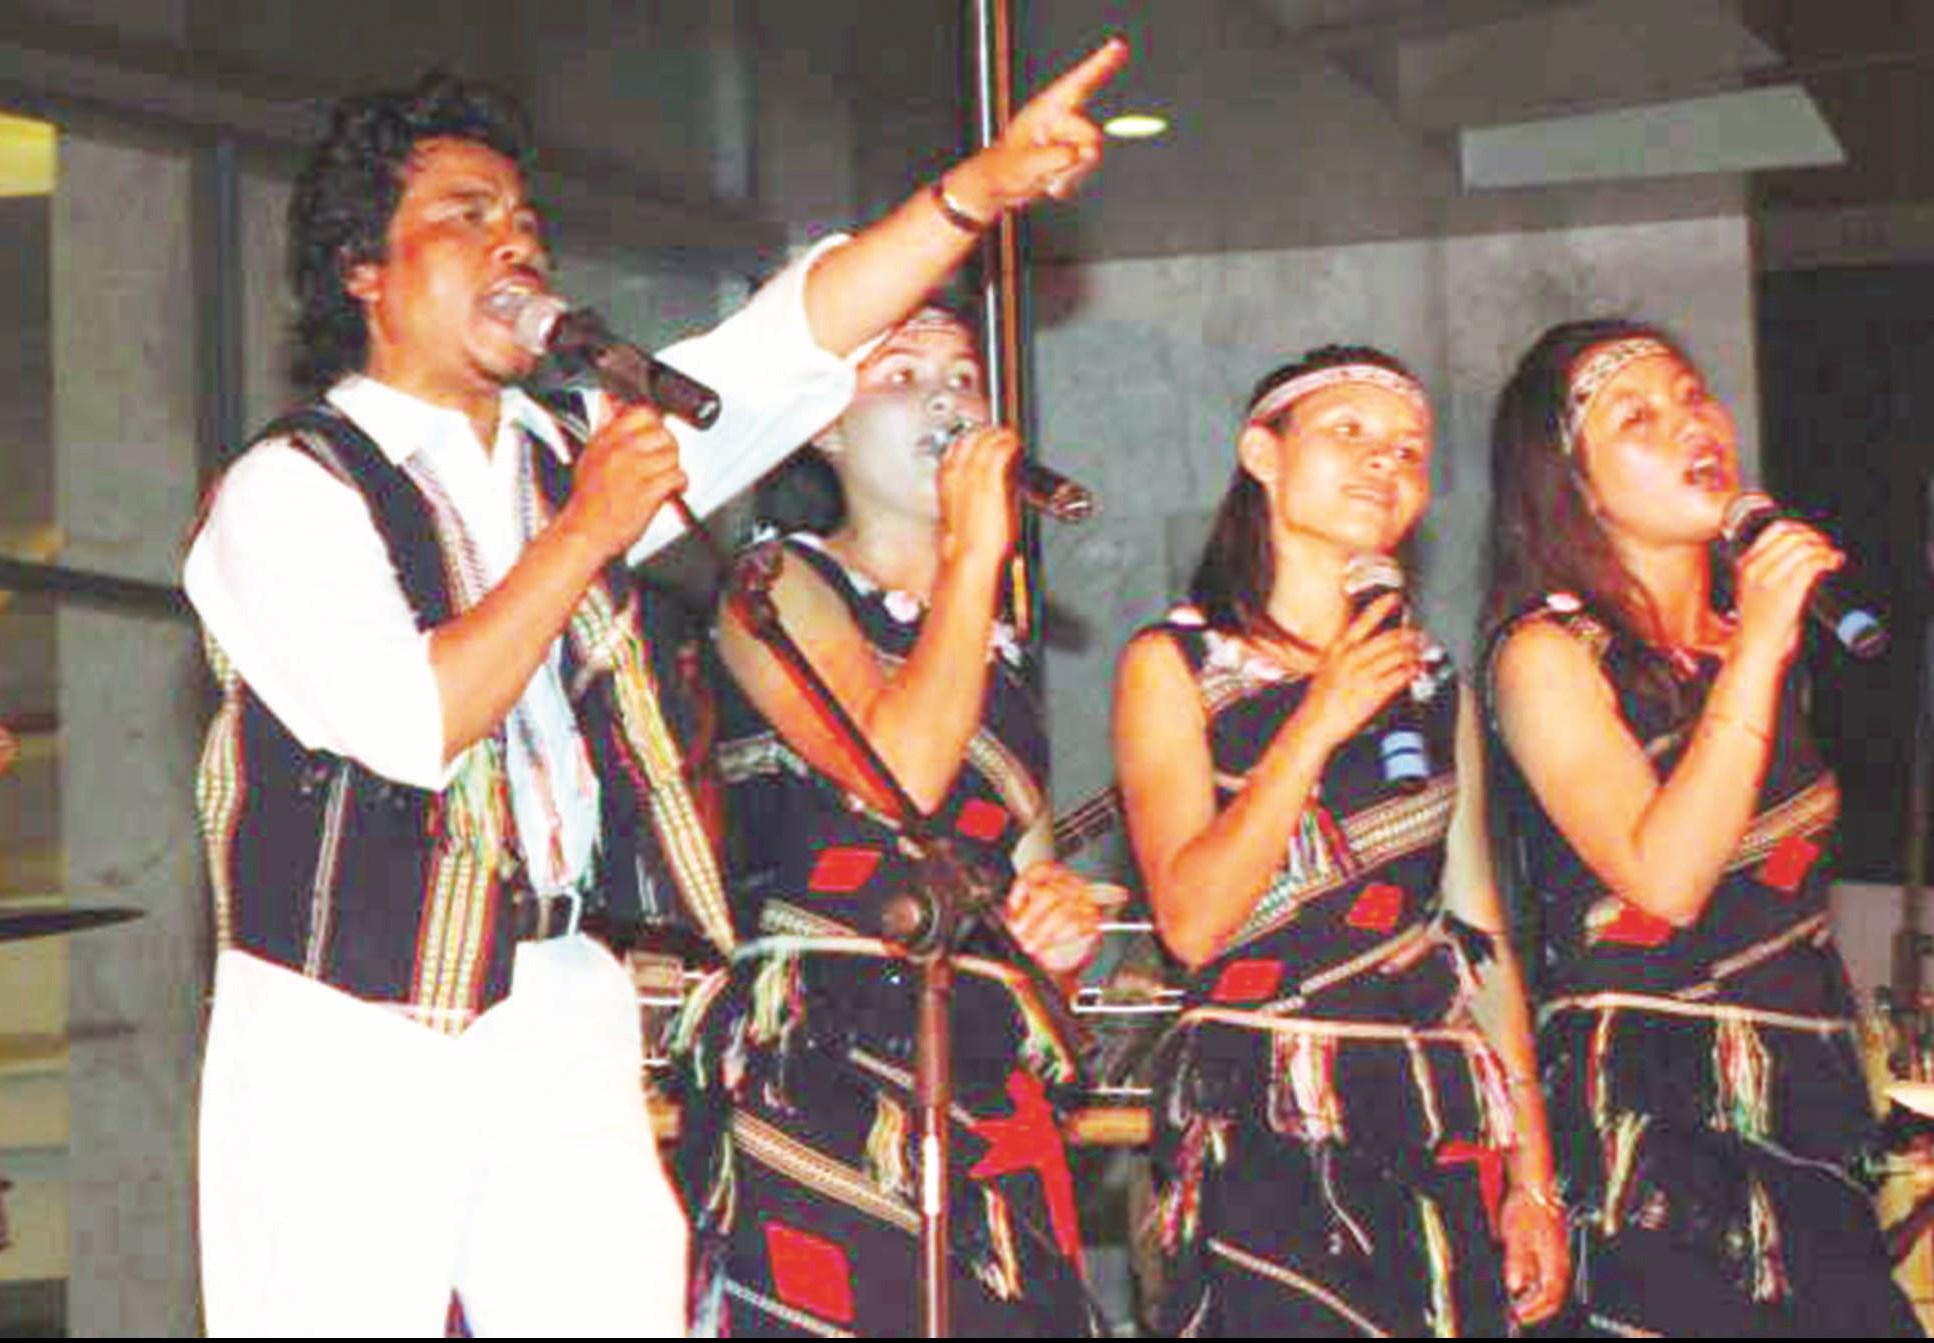 Ca sỹ Krajan Dick hát cùng các sơn nữ buôn làng.